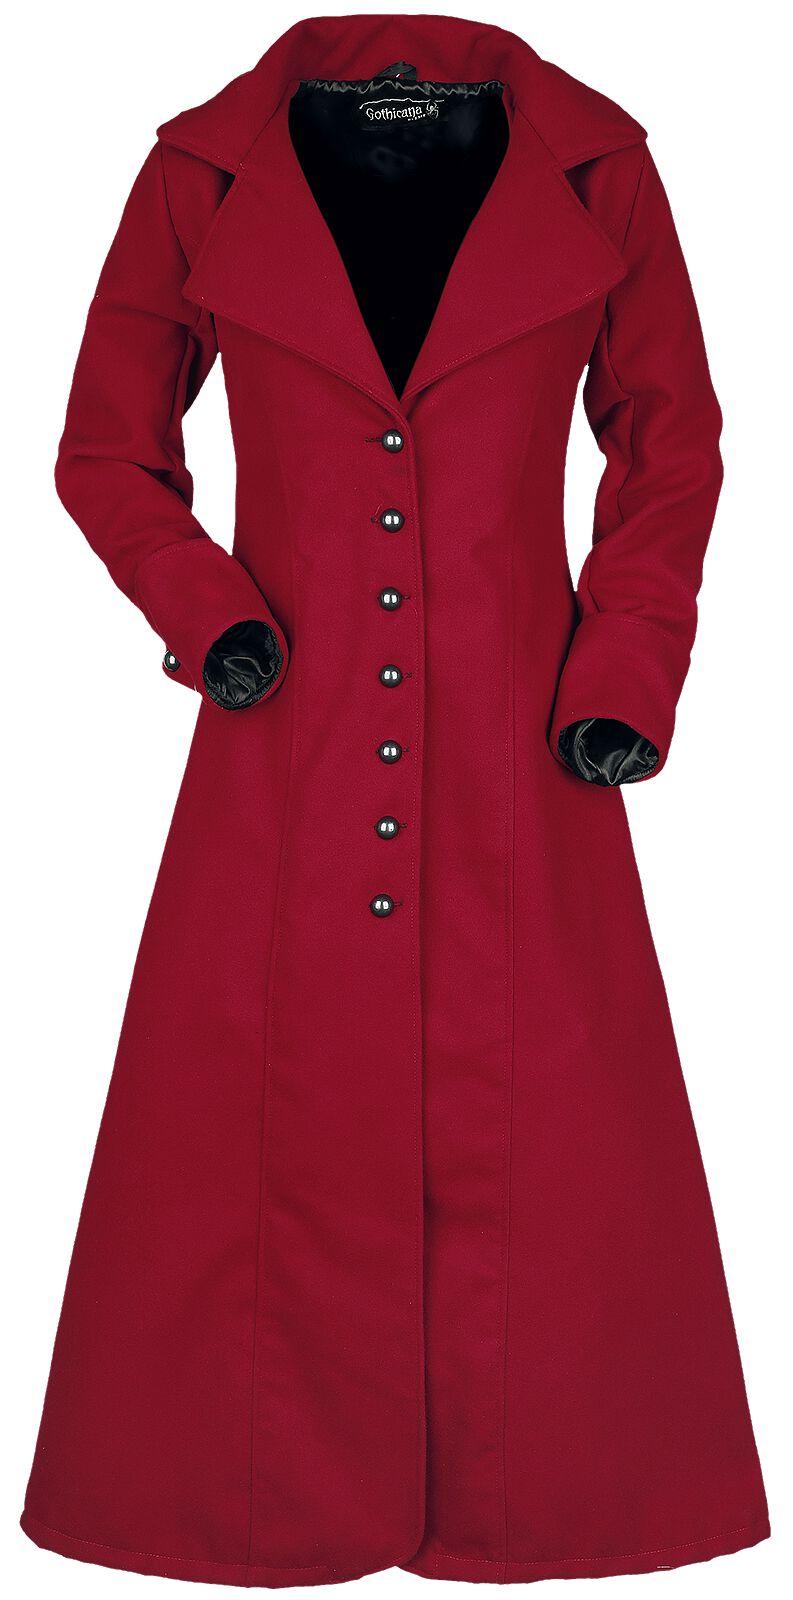 Desdemona Abrigo Mujer Rojo